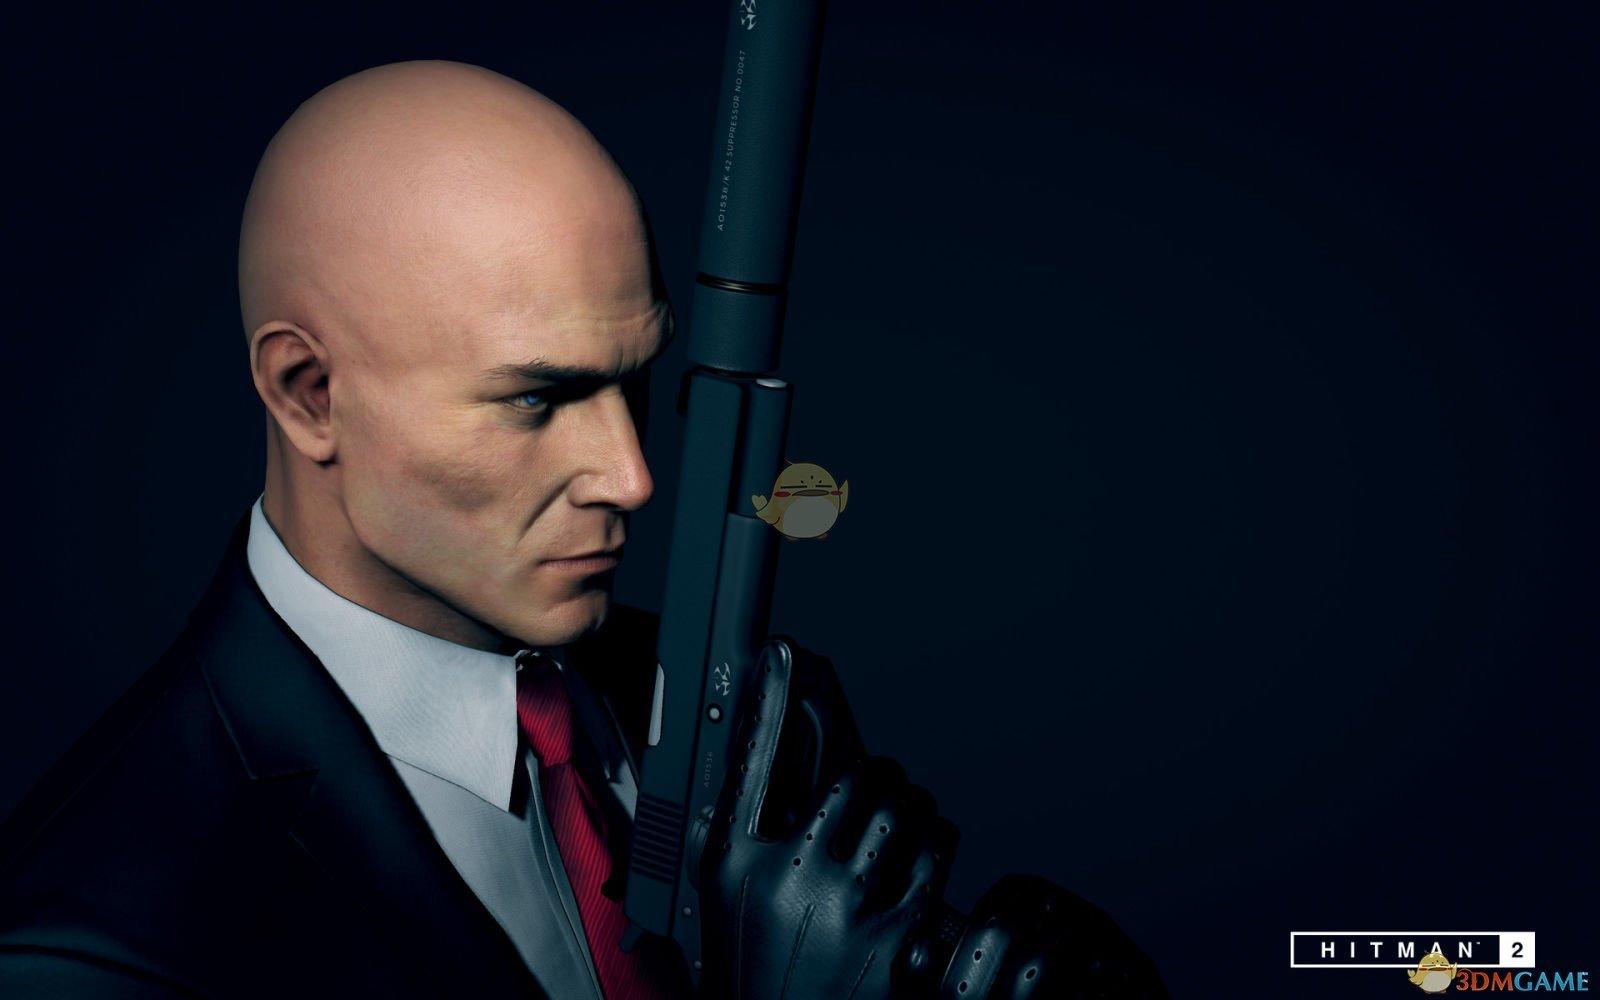 《杀手2》1代传承版北海道内脏逆转关卡攻略